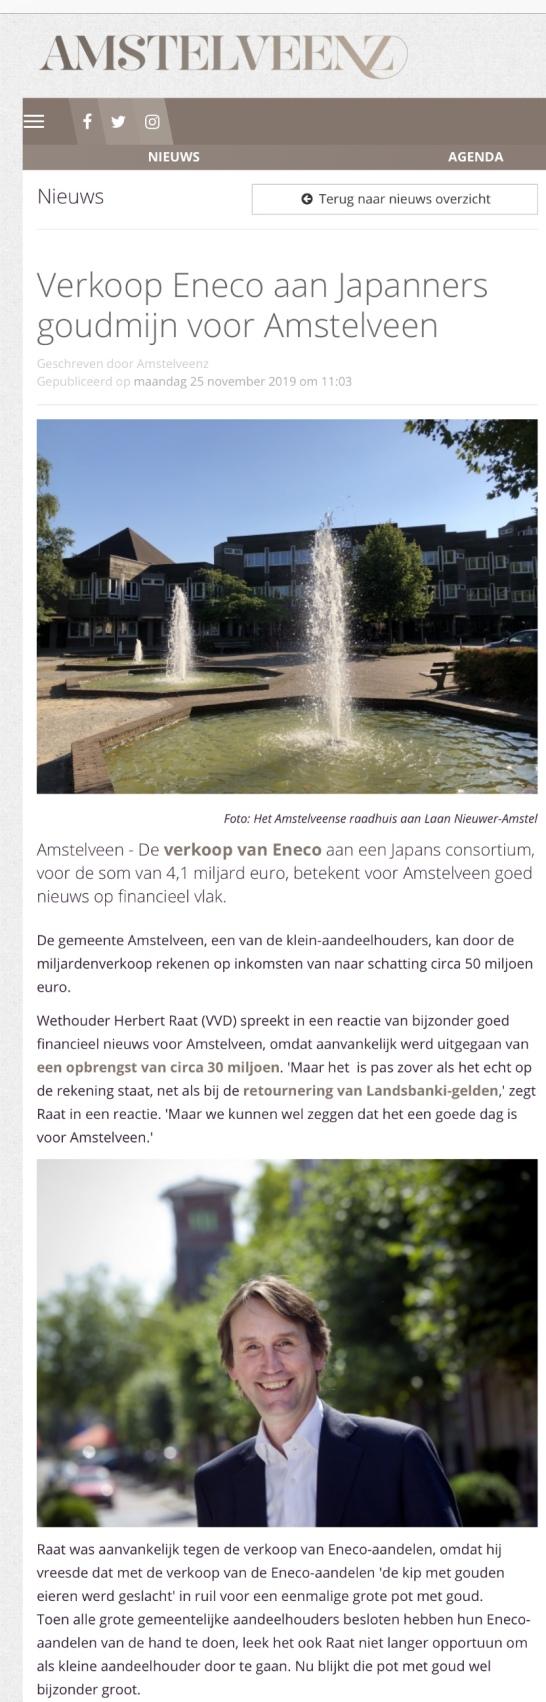 2019-25-11; Amstelveenz; werhouder Herbert Raat over verkoop Eneco en de opbrengst voor Amstelveen